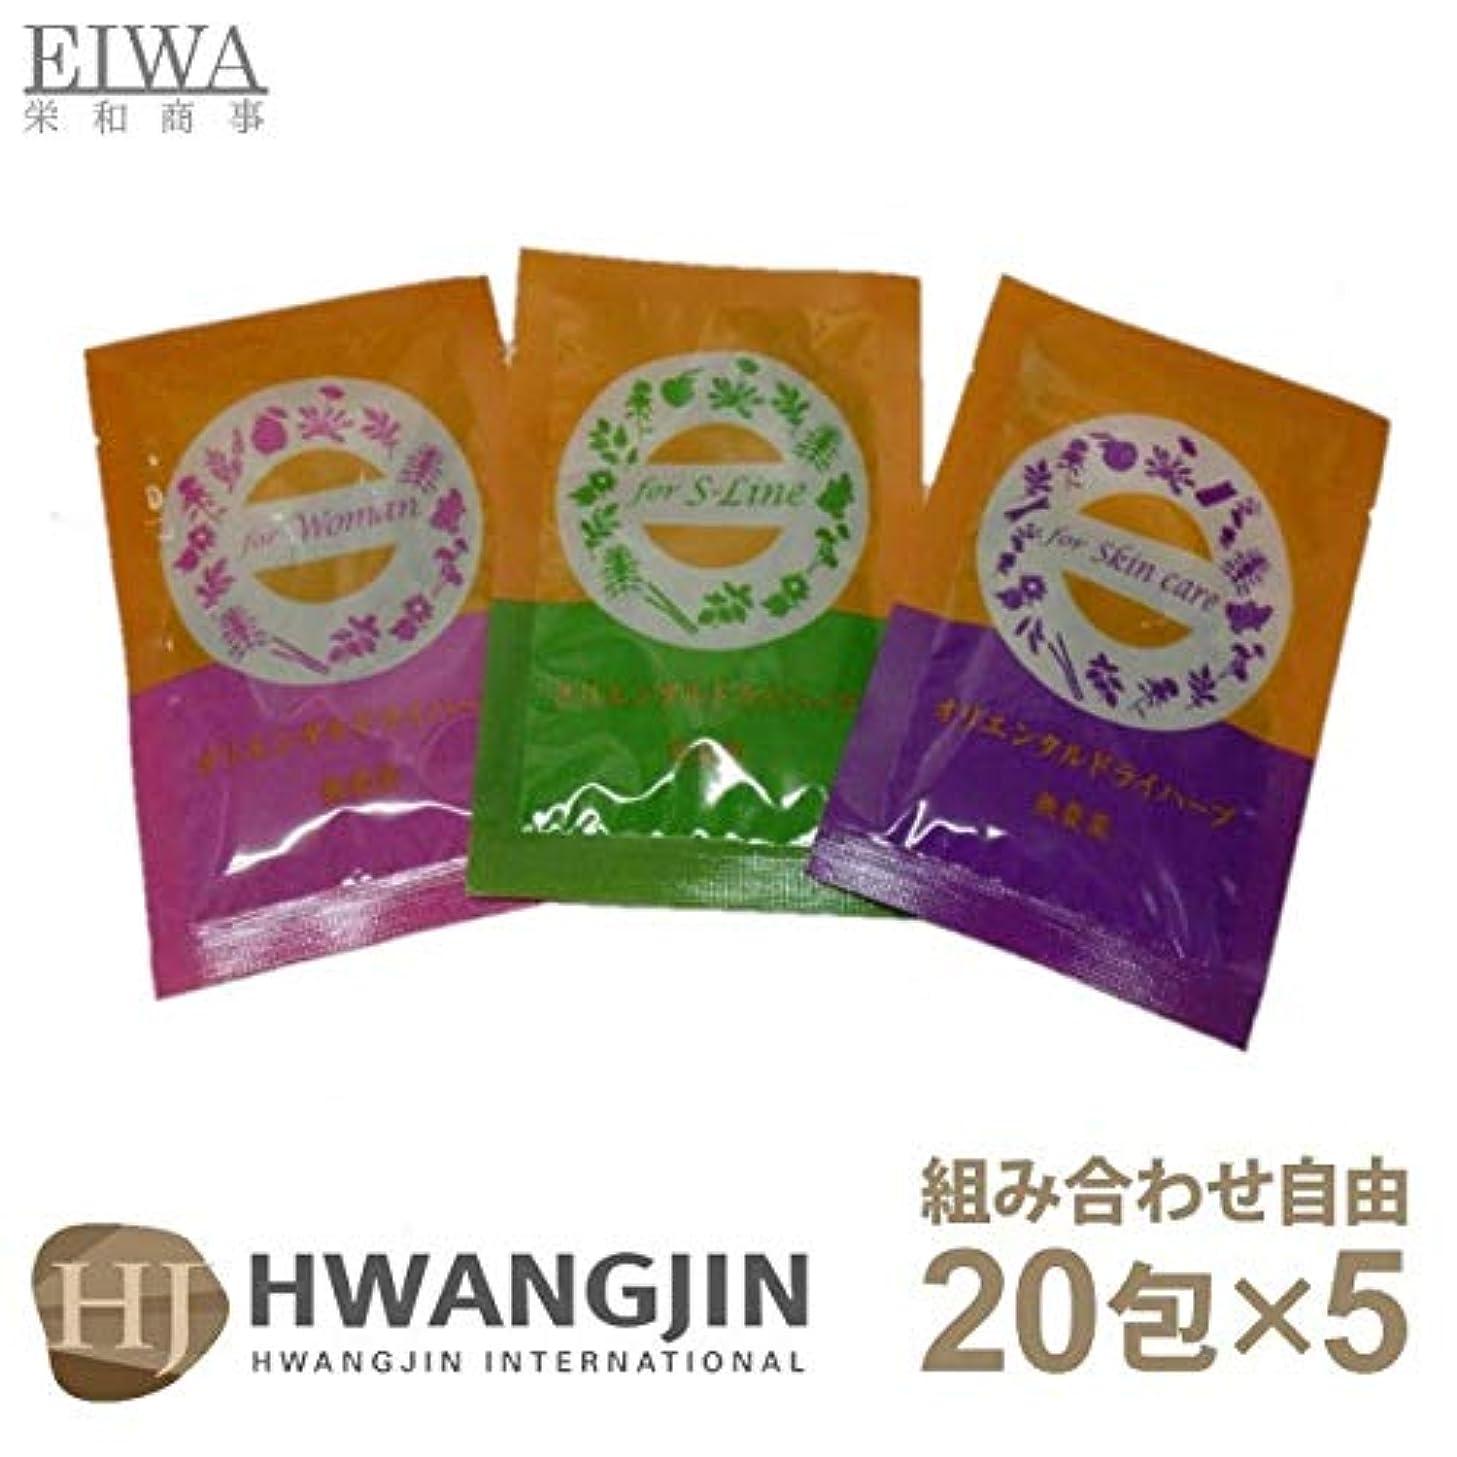 即席重荷軸ファンジン黄土 座浴剤 組合せ自由 3種 計5袋 (100包) 1.2kg